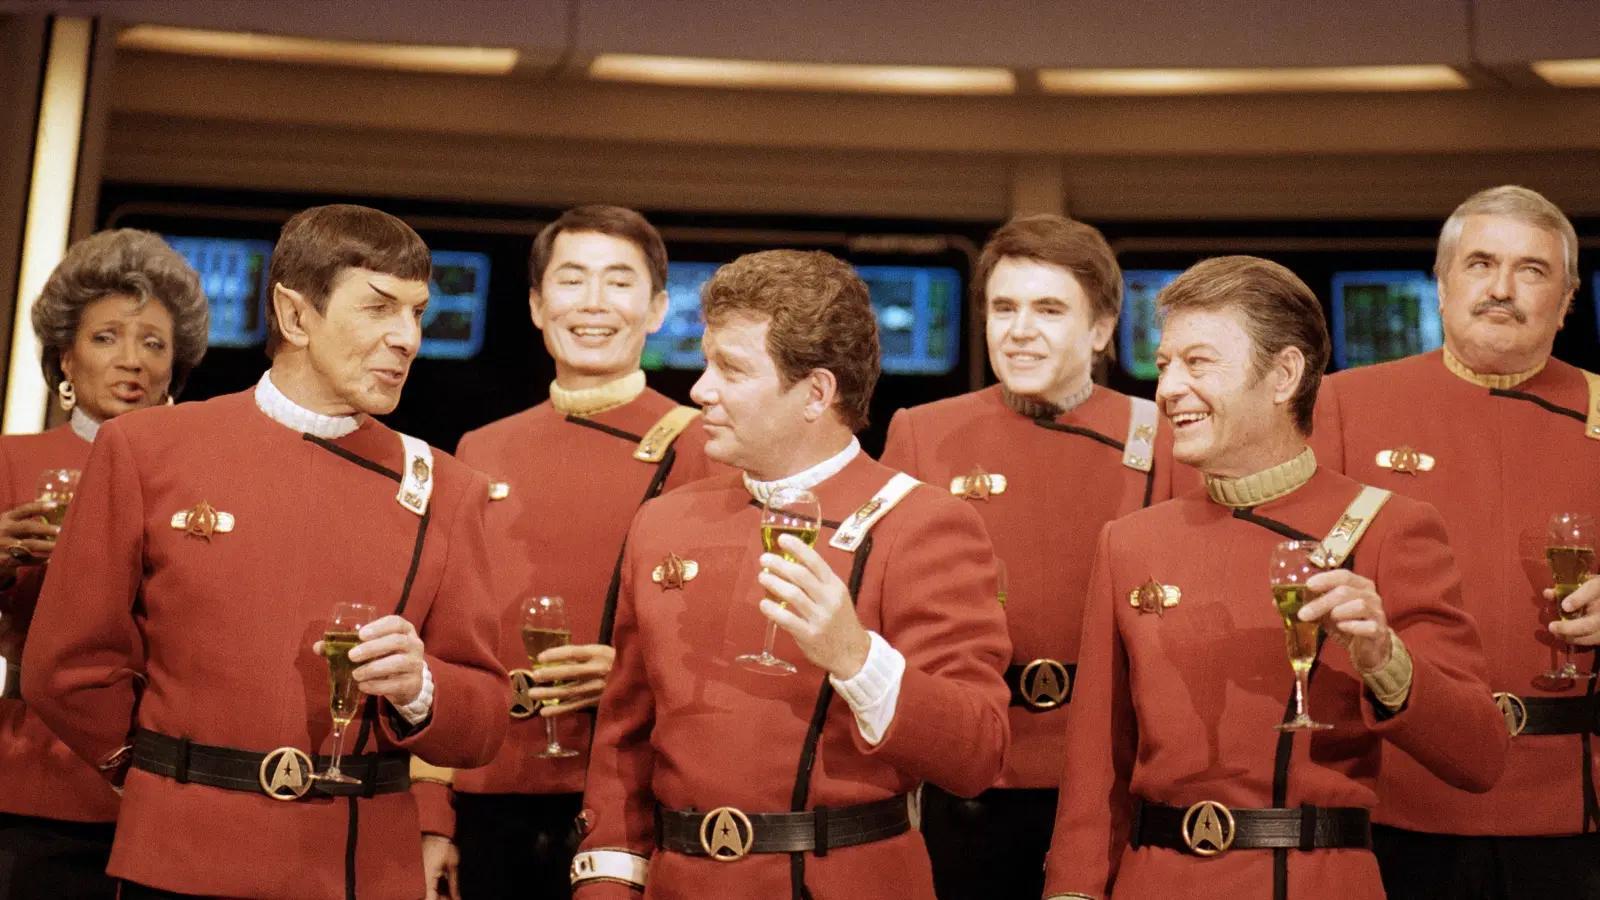 Созданы два прототипа трикордера из научно-фантастической саги Star Trek